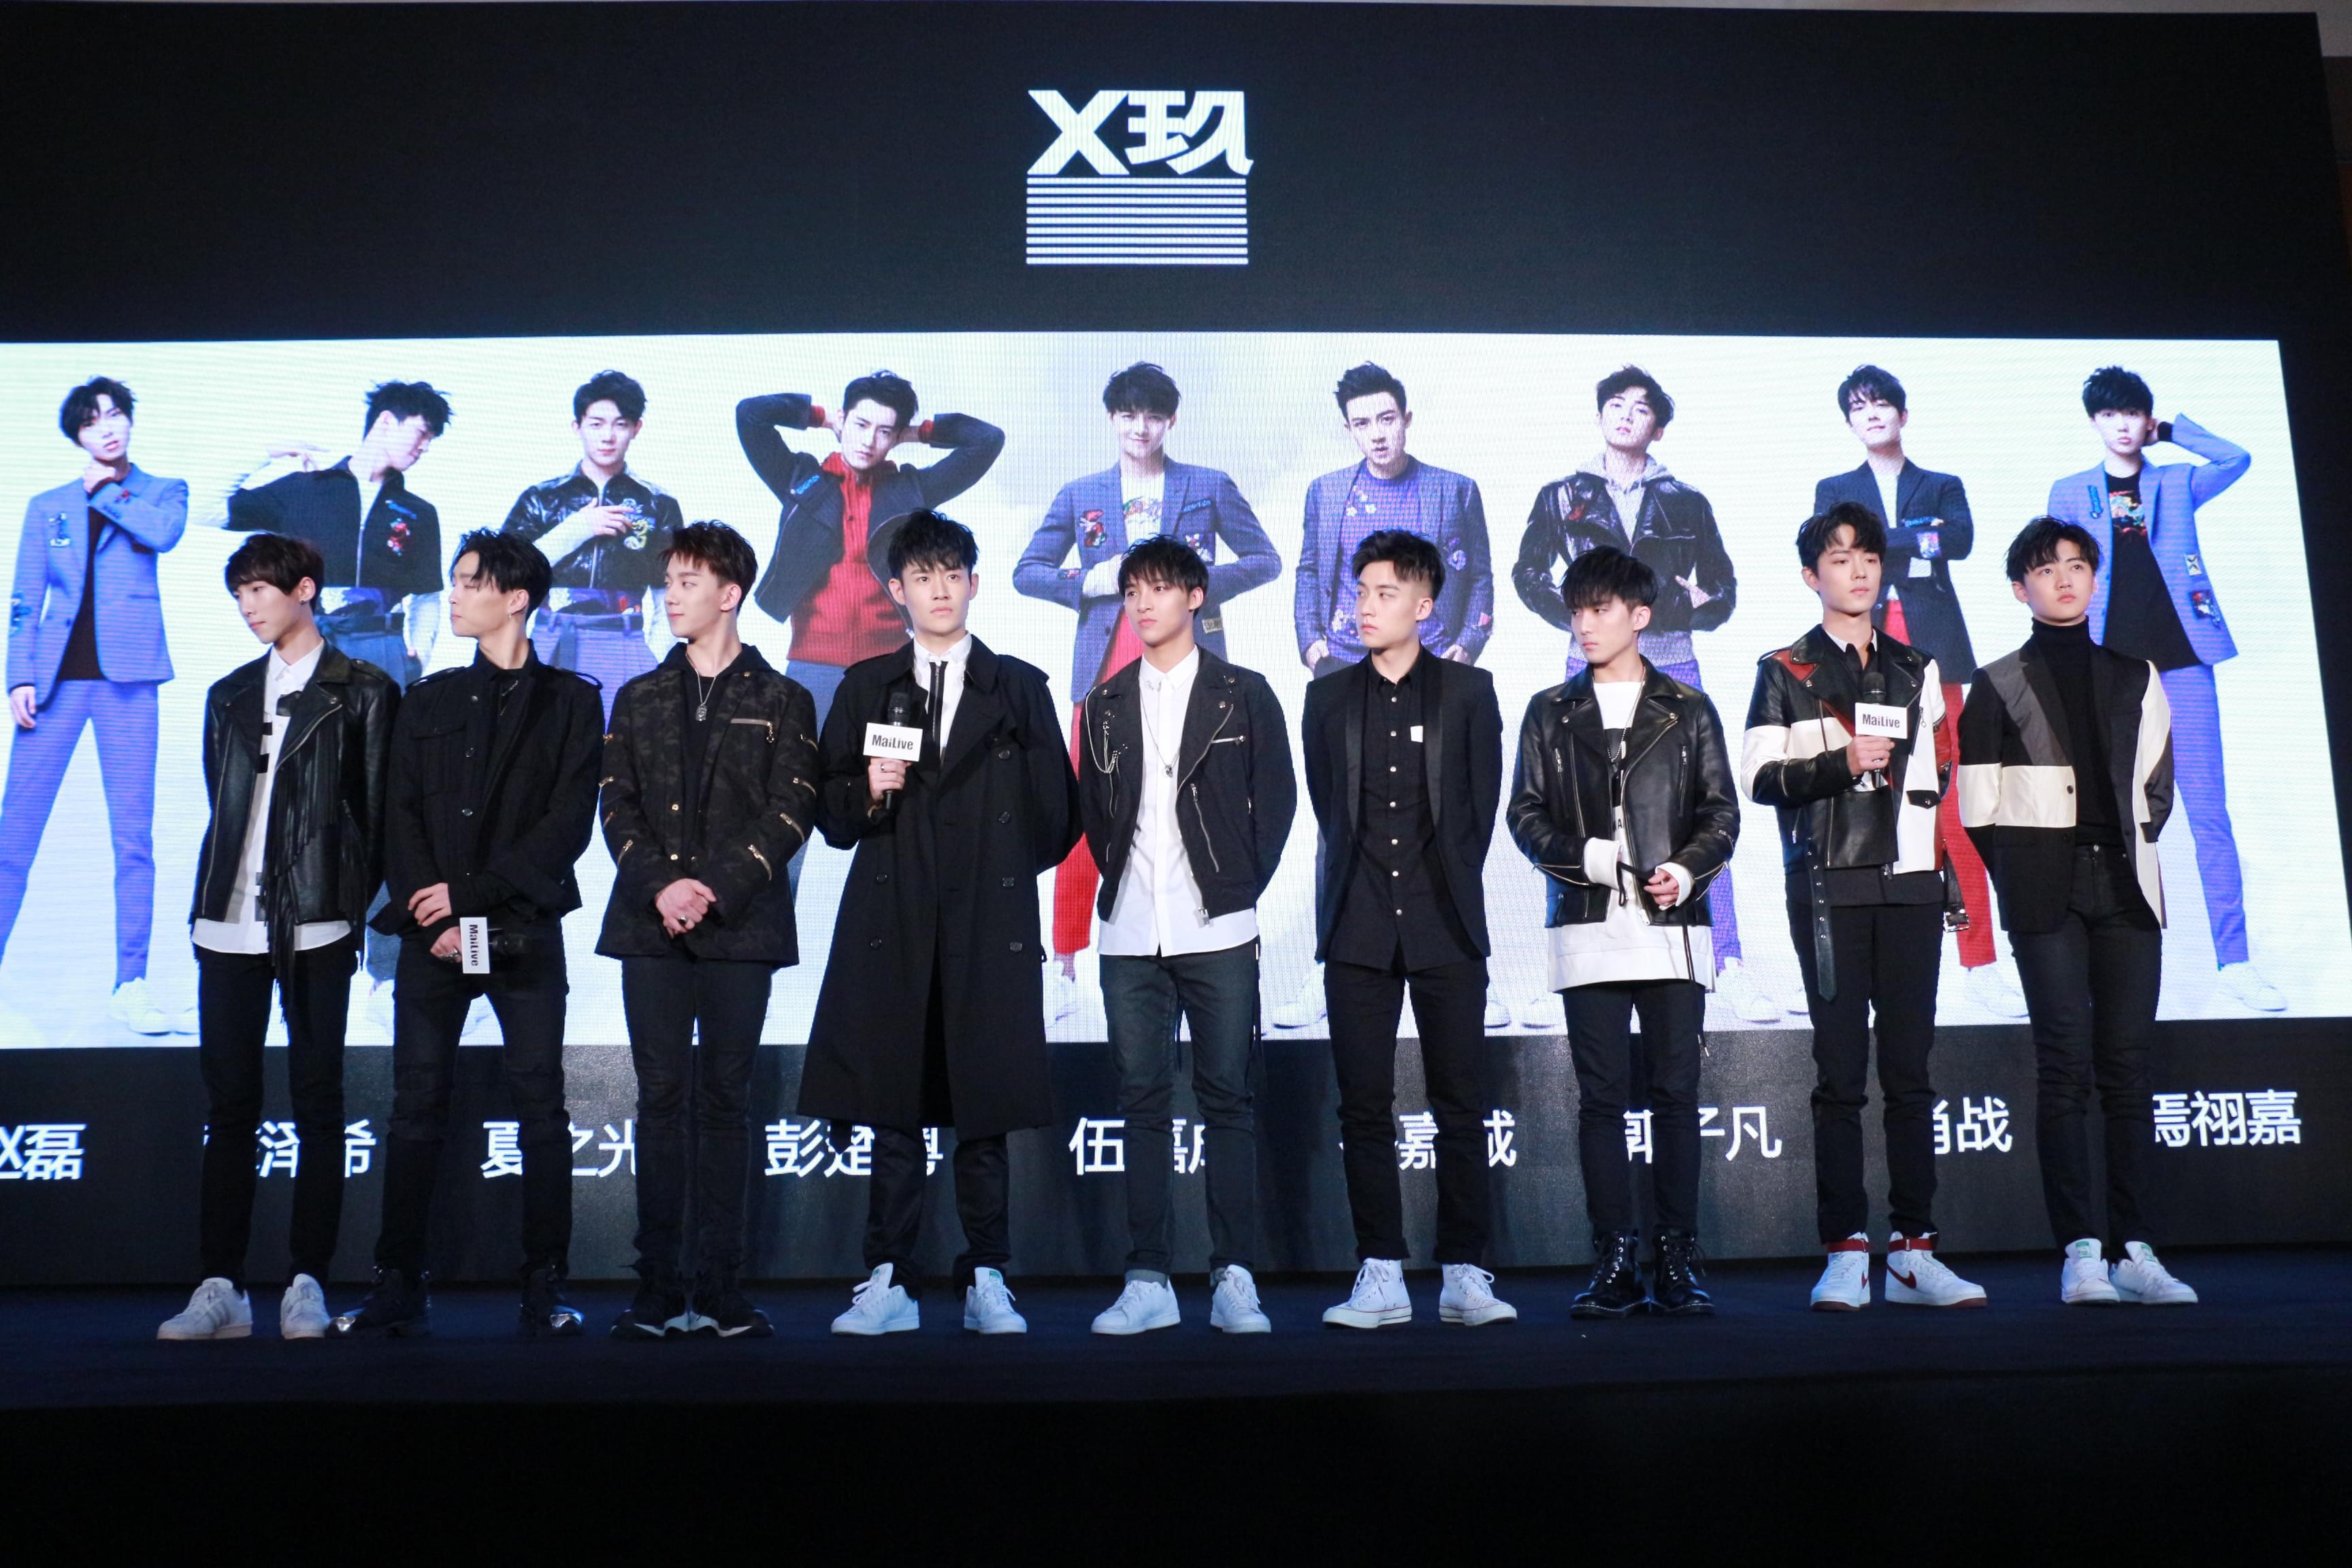 何炅探班送祝福 X玖少年团演唱会上海开唱